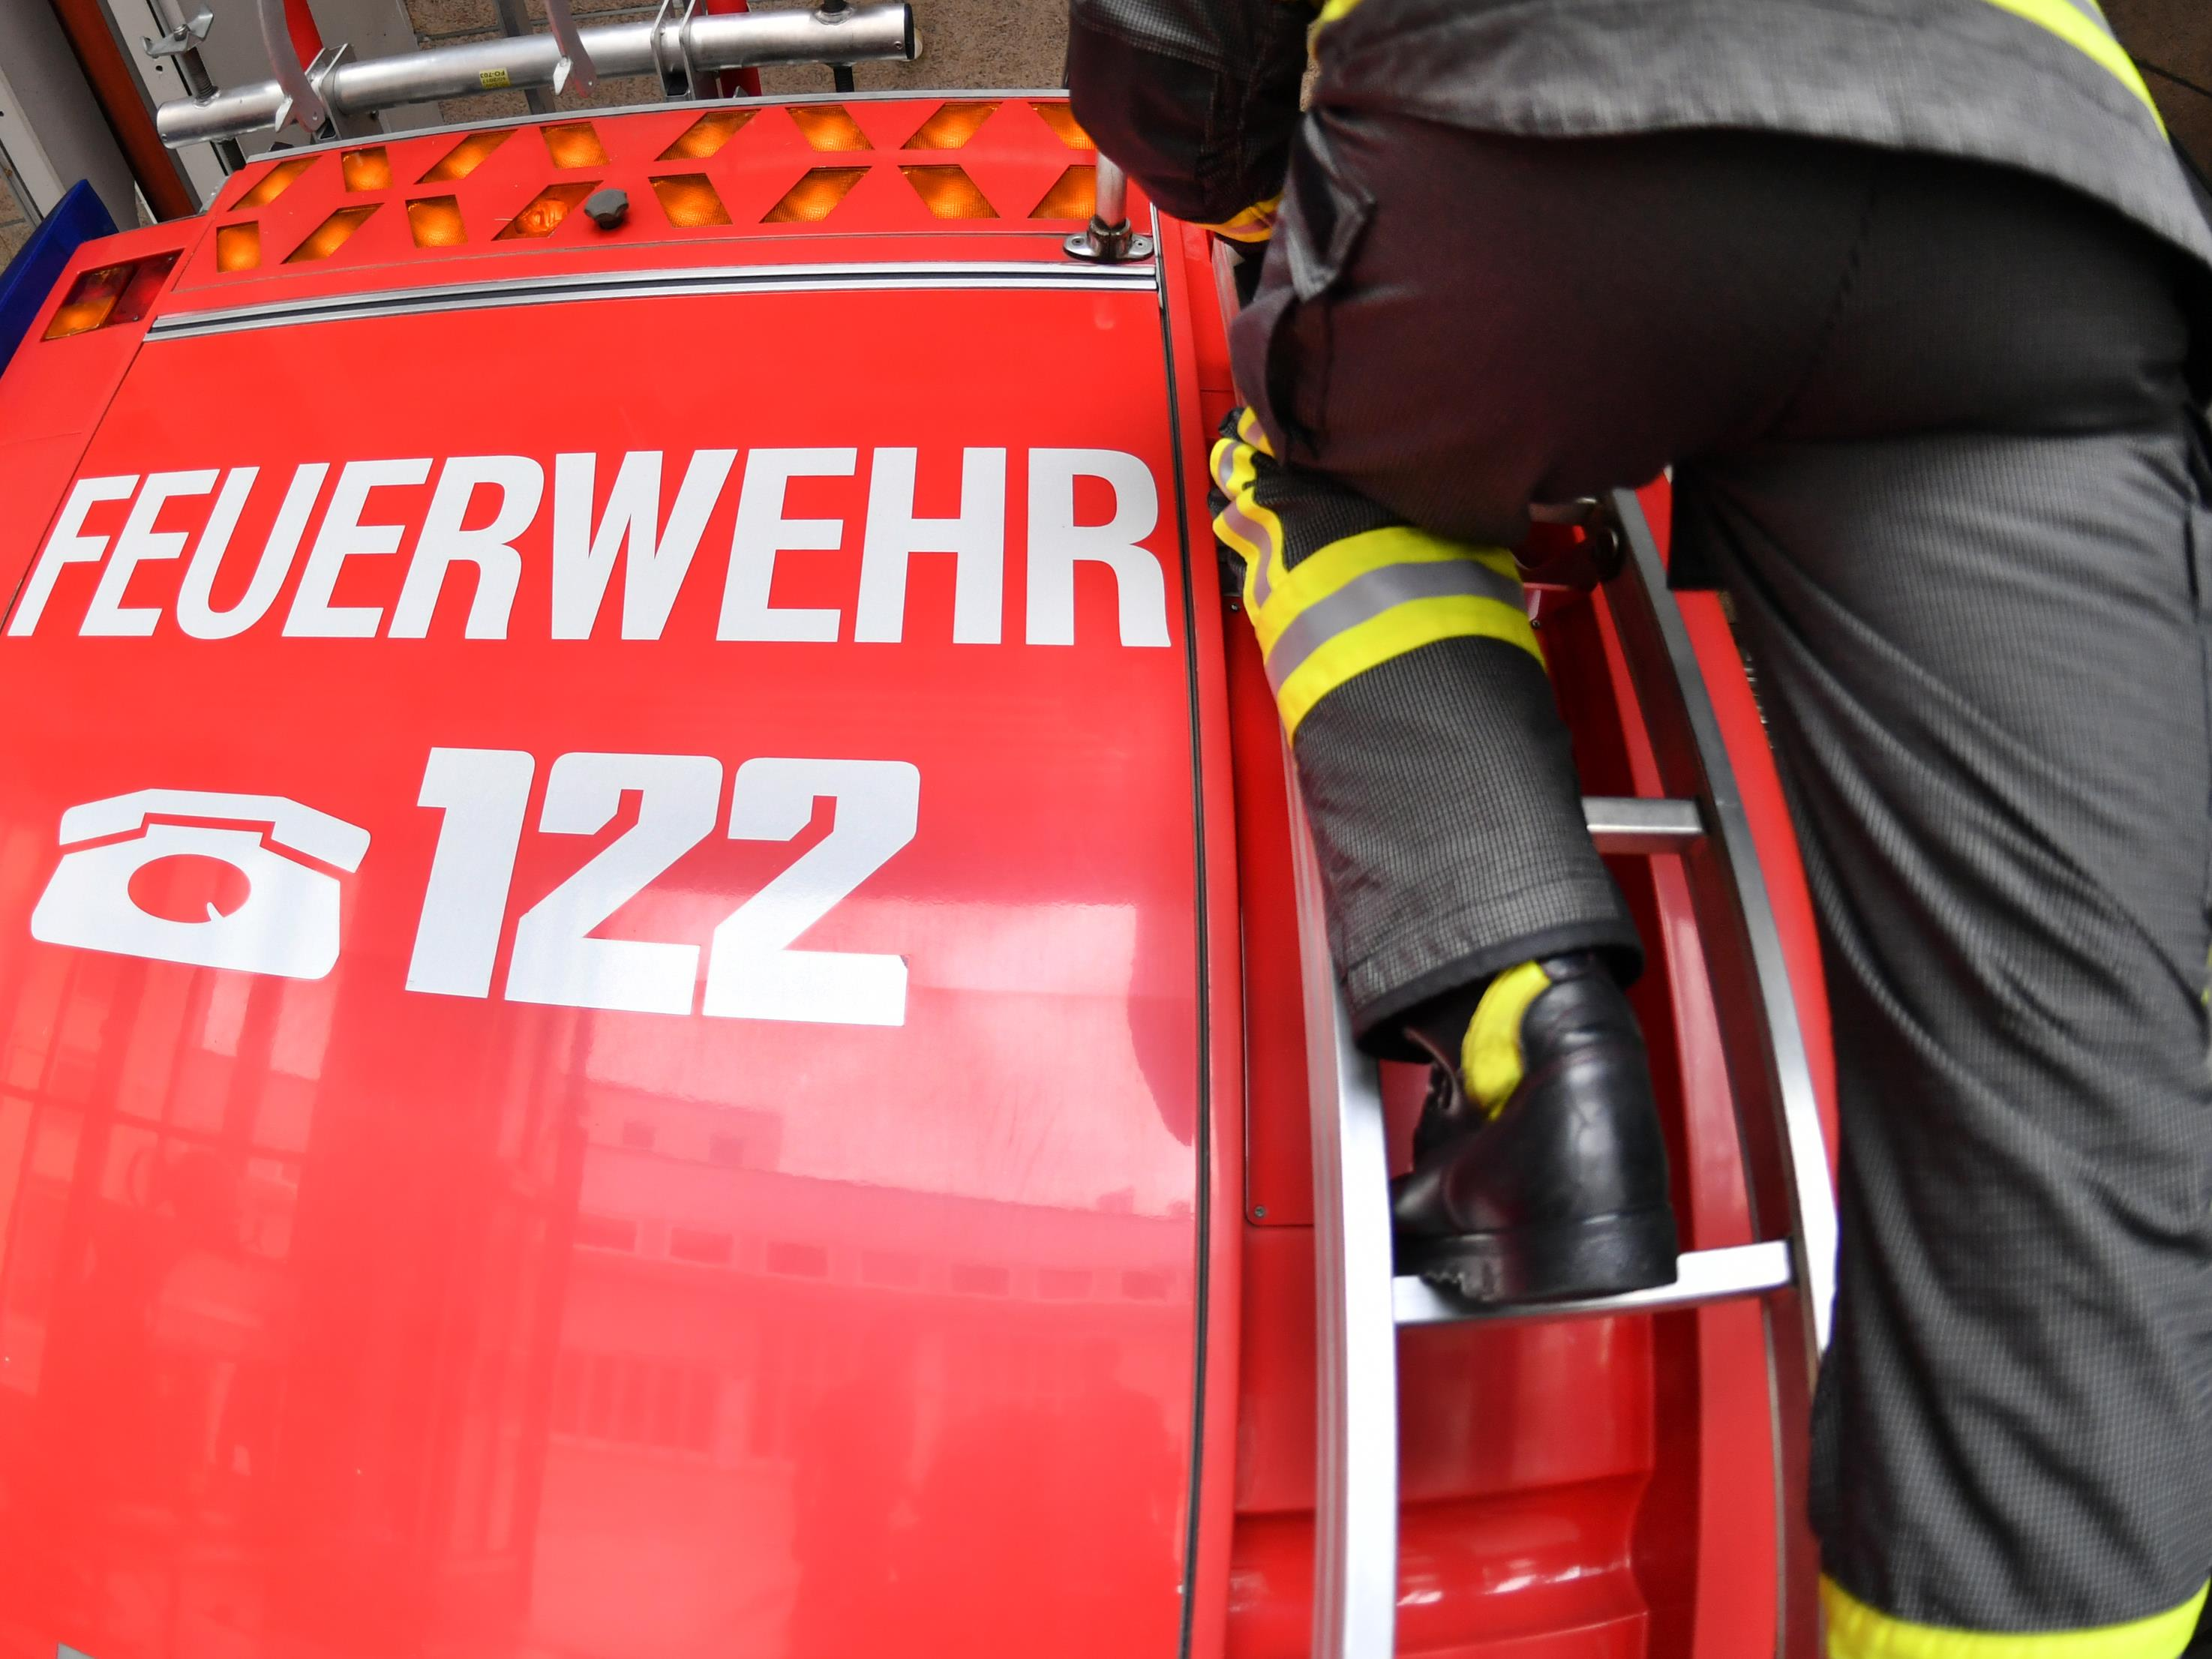 Die Feuerwehr ging davon aus, dass die Arbeiten mehrere Stunden in Anspruch nehmen werden.